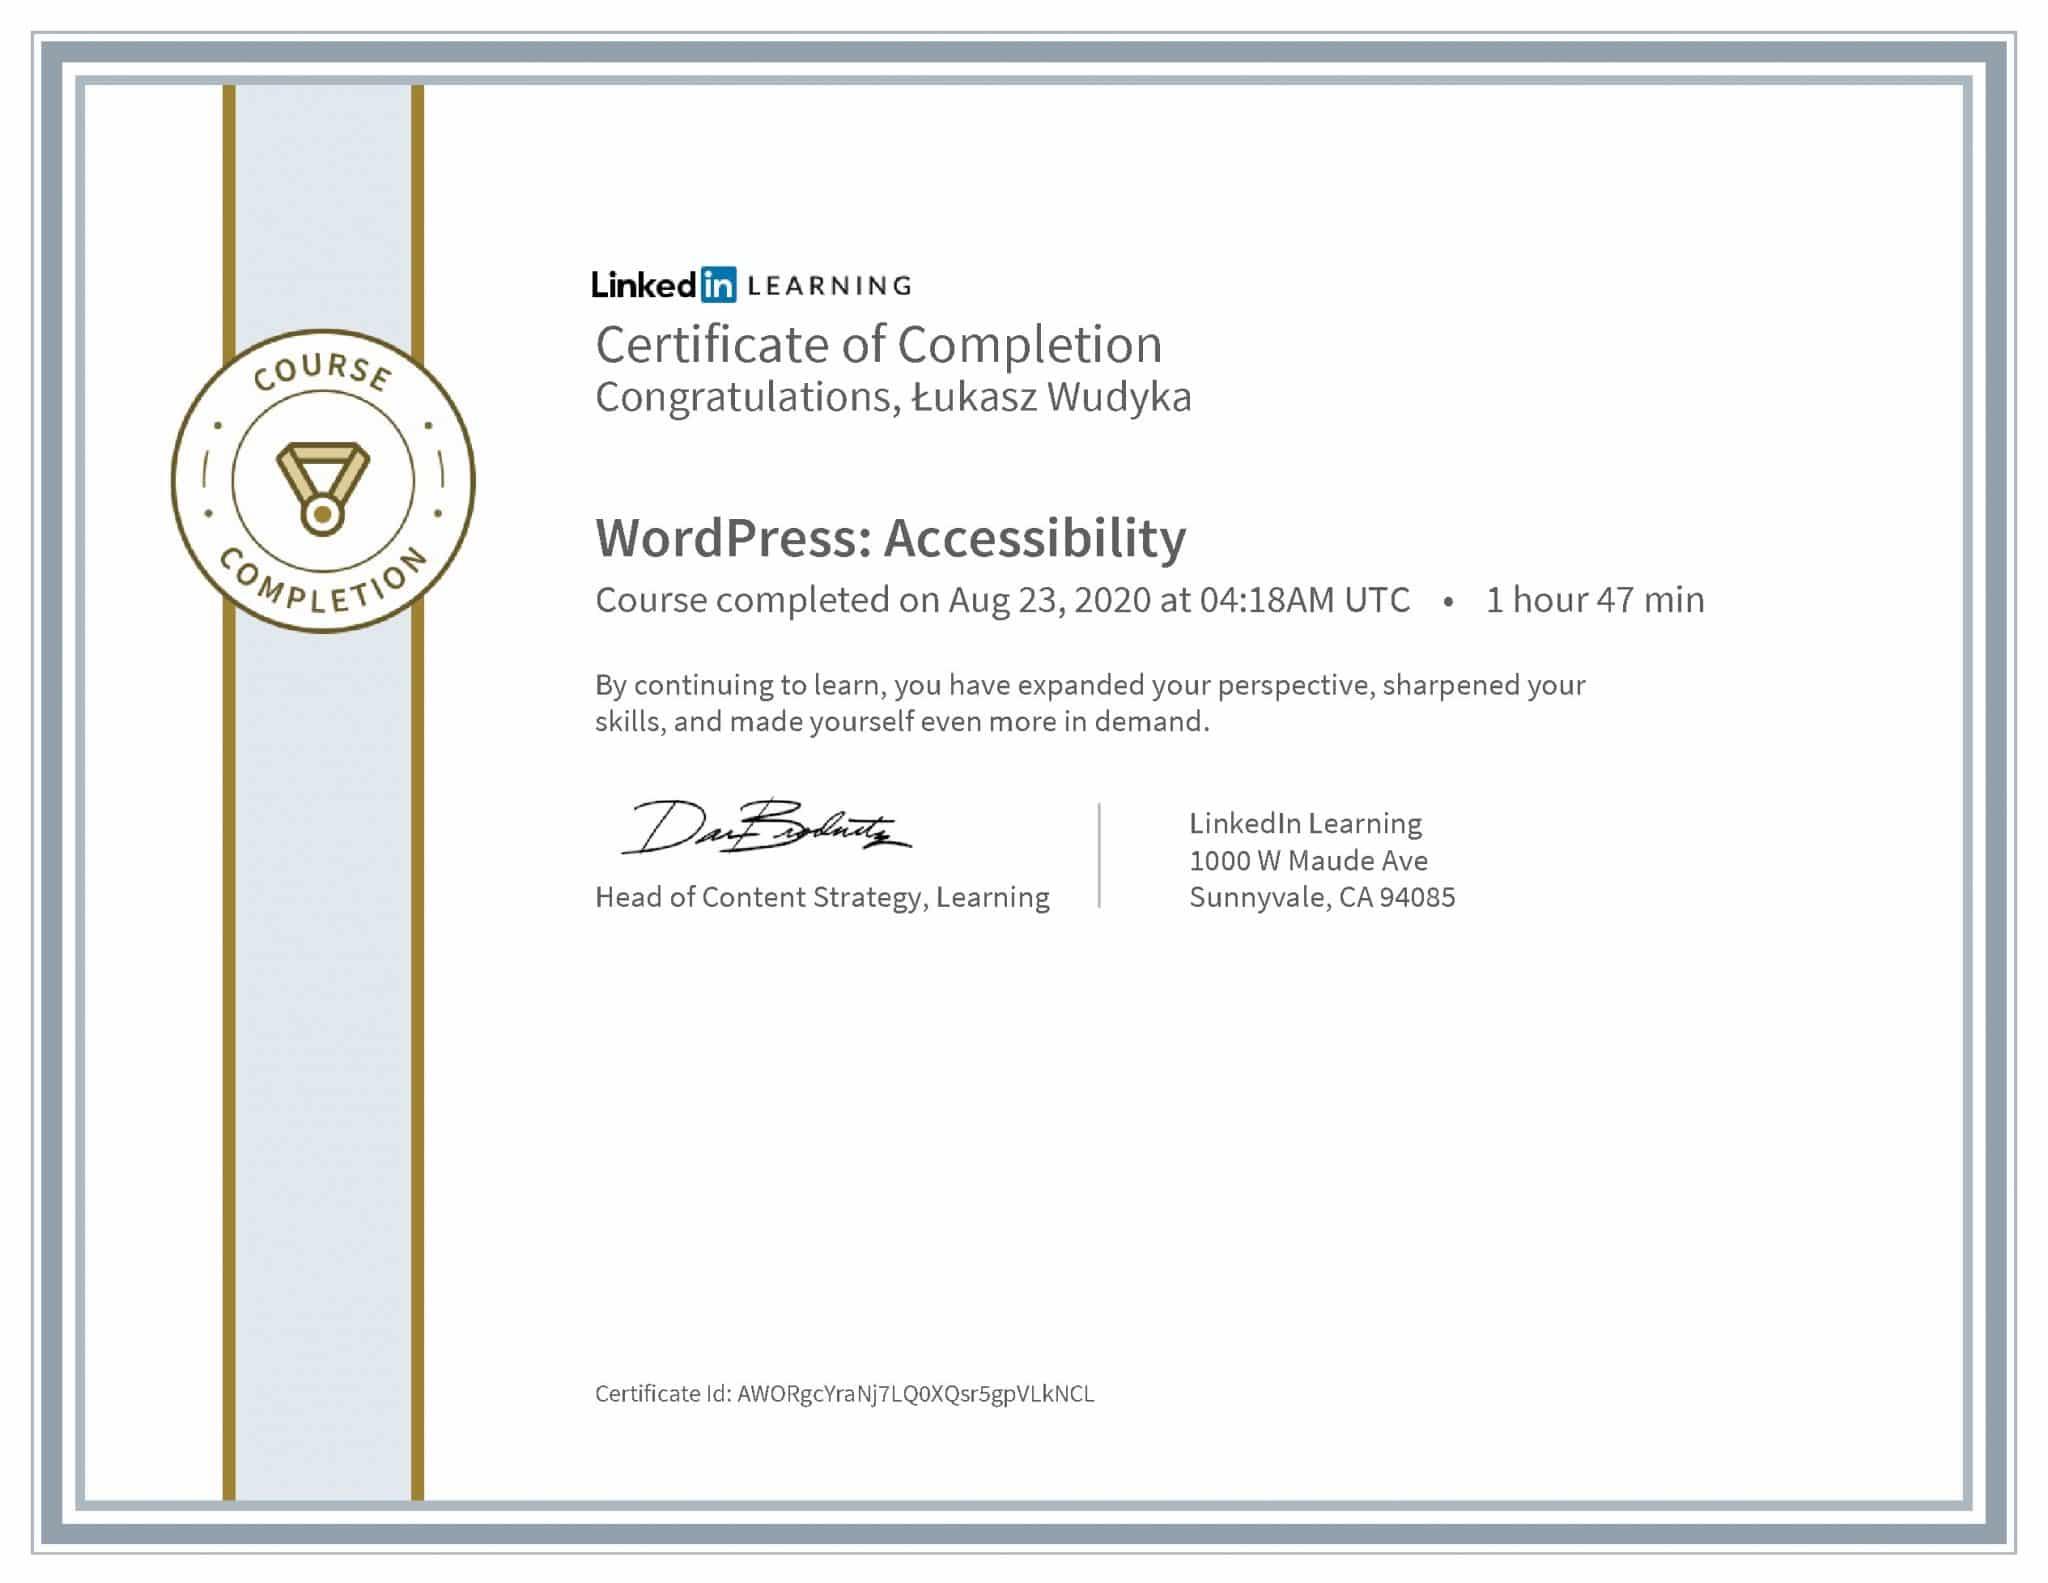 Łukasz Wudyka certyfikat LinkedIn WordPress: Accessibility